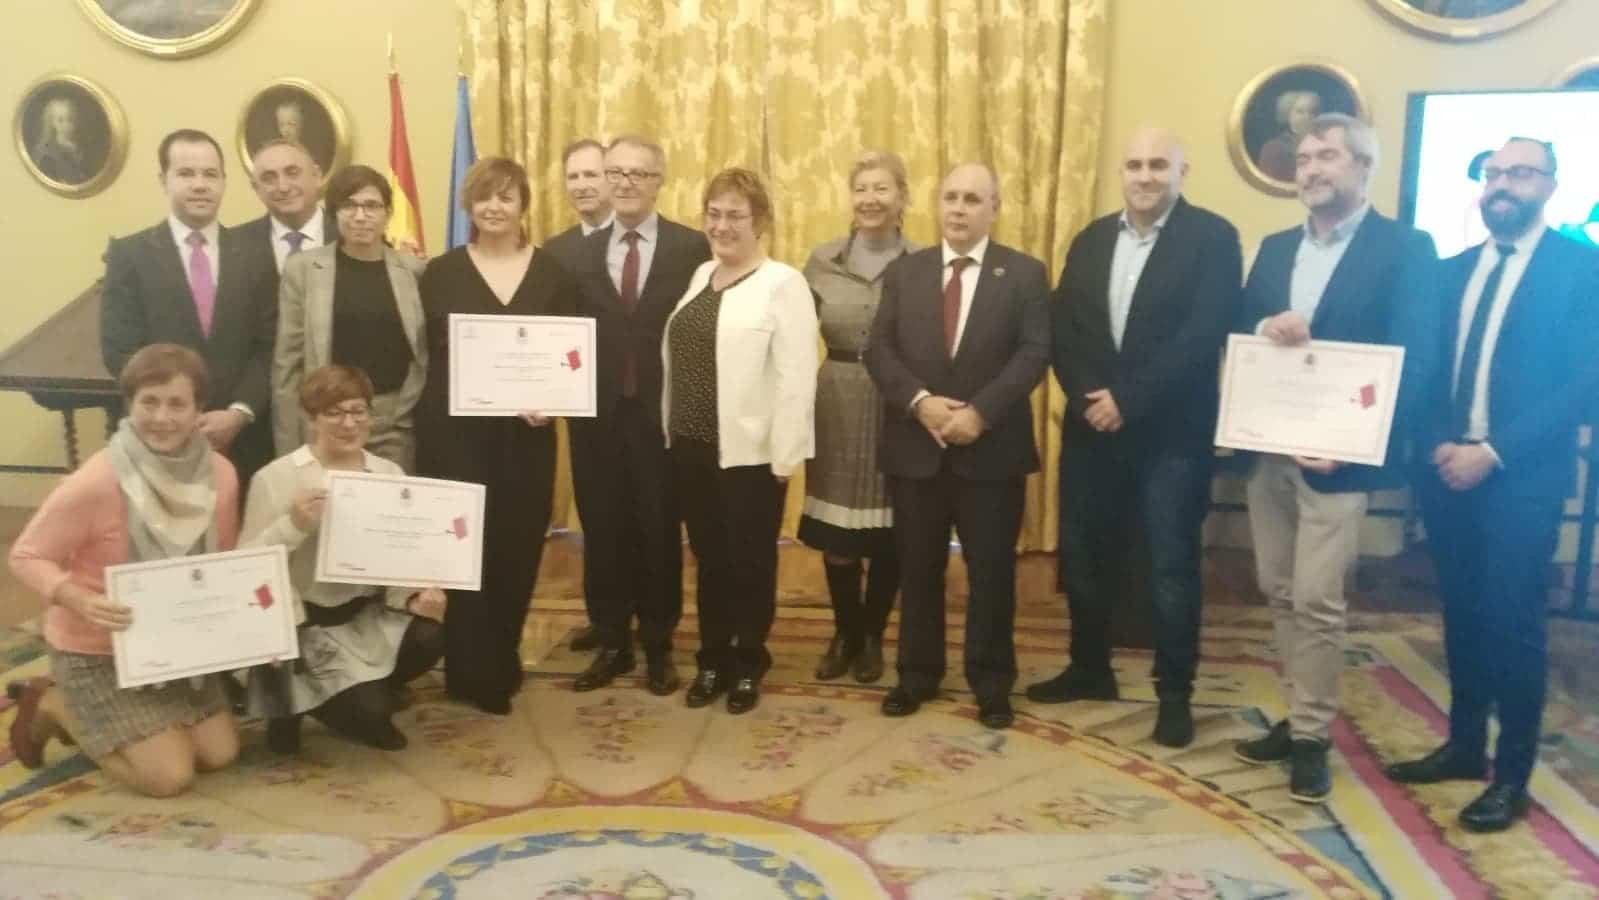 La Biblioteca Pública Miguel de Cervantes recibe el premio María Moliner